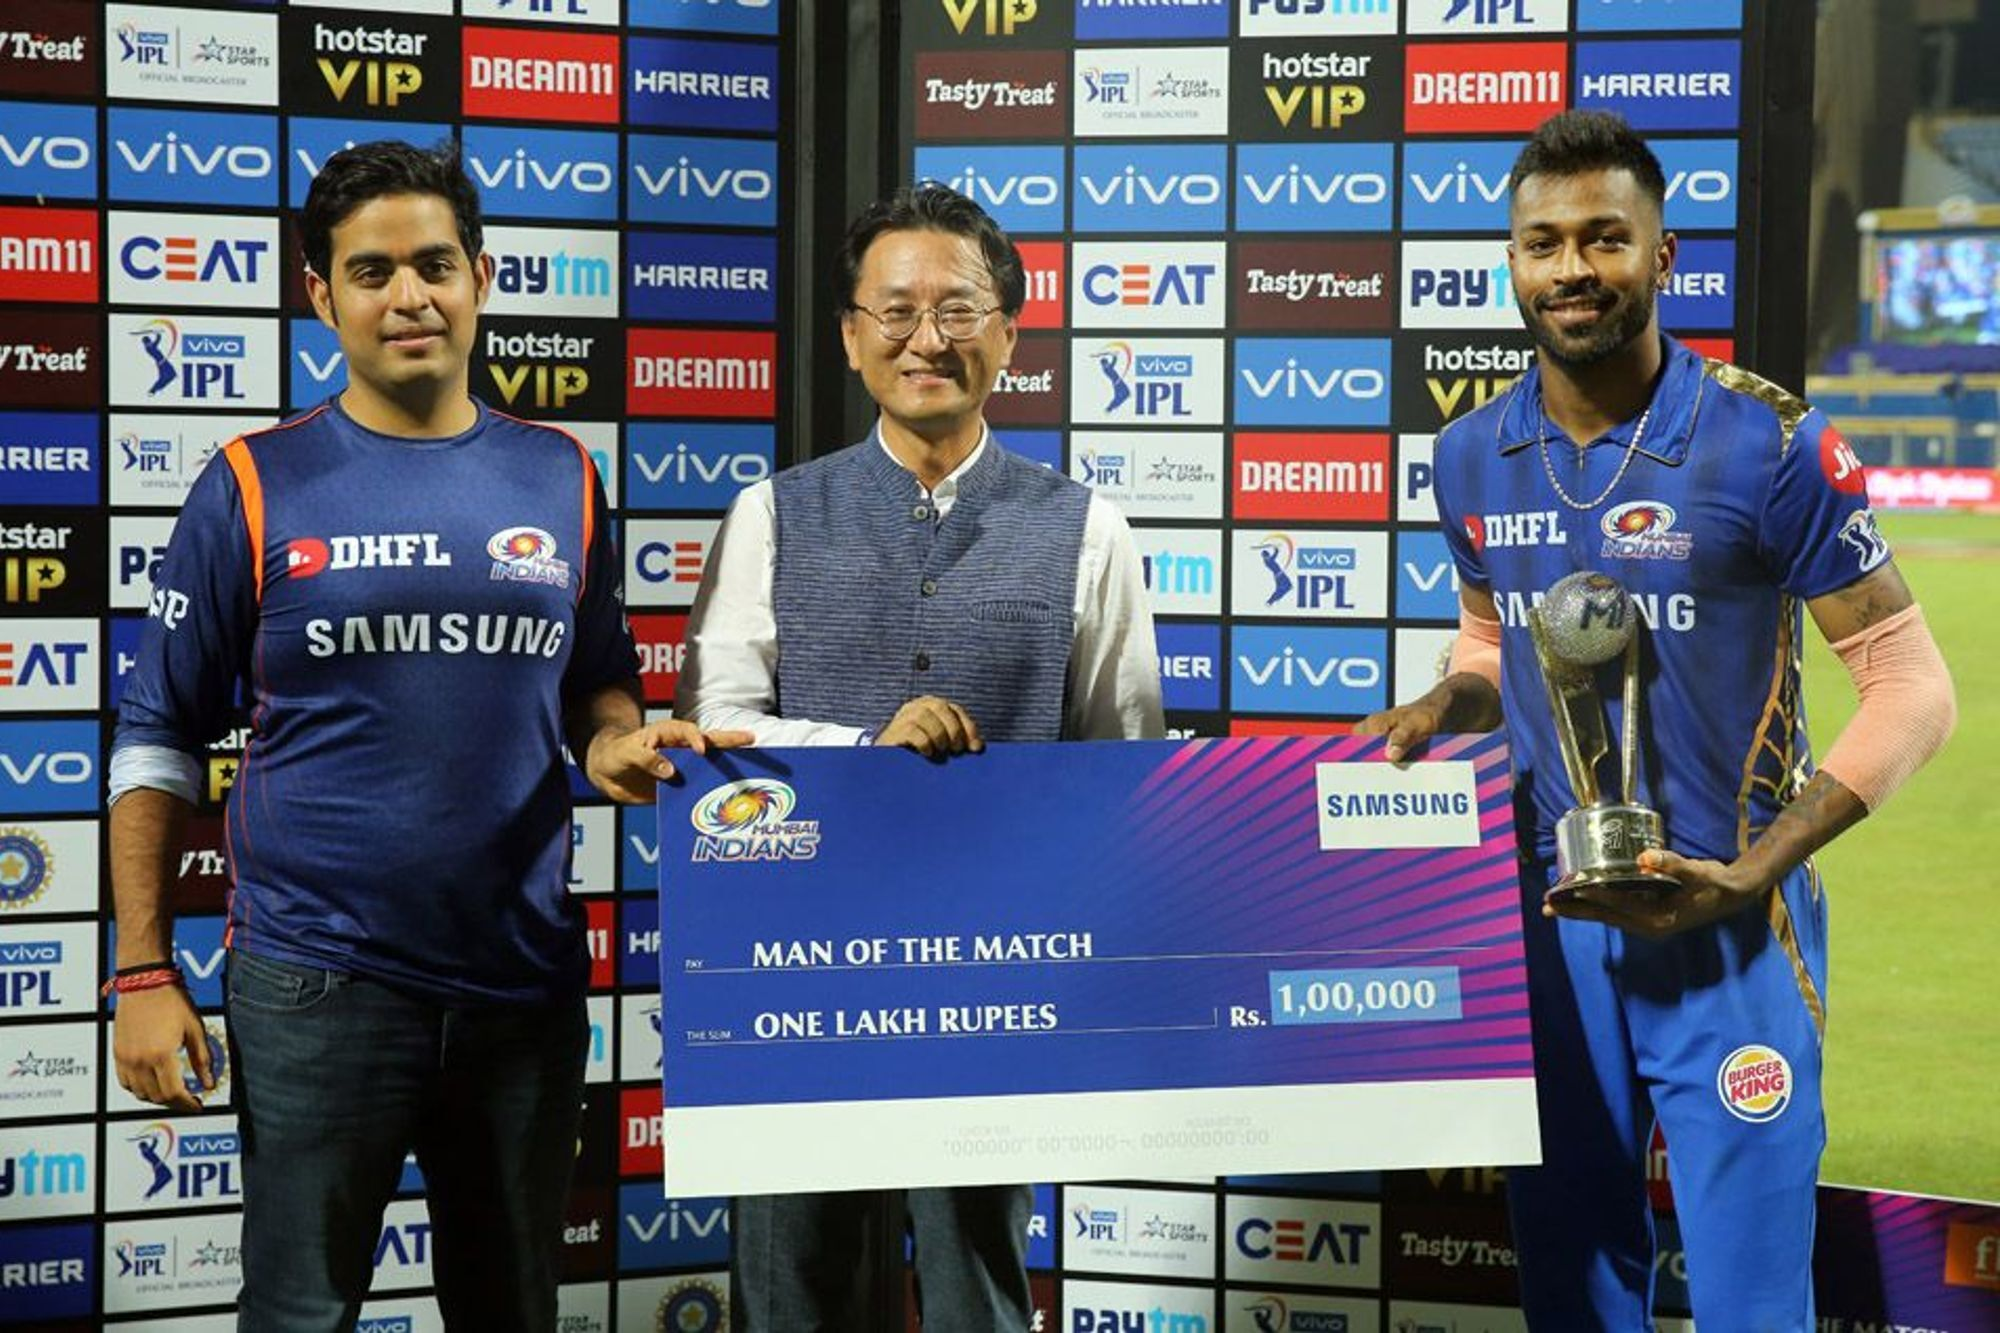 IPL 2019: धोनी, विराट और रैना नहीं बल्कि इस युवा भारतीय खिलाड़ी के सबसे बड़े फैन हैं चेन्नई सुपर किंग्स के कोच स्टीफन फ्लेमिंग 3